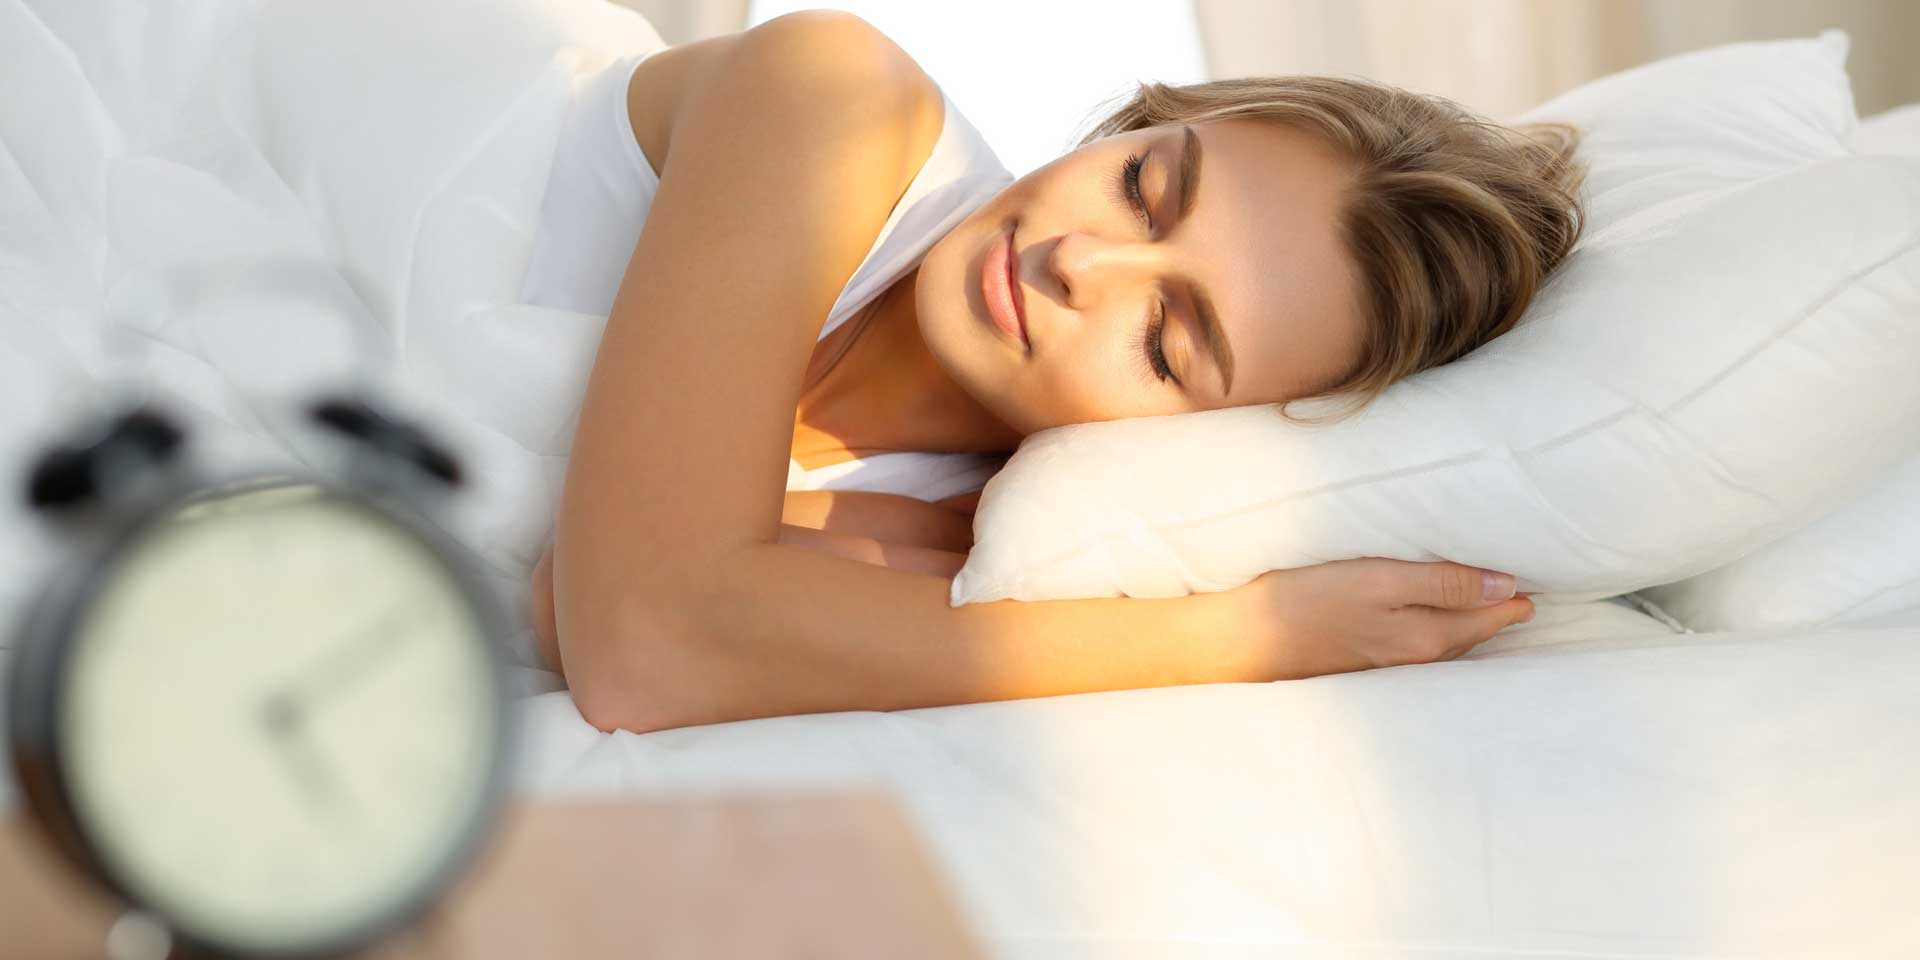 Dormi pentru a rezolva o problemă. Cum rezolvă creierul problemele în timpul somnului